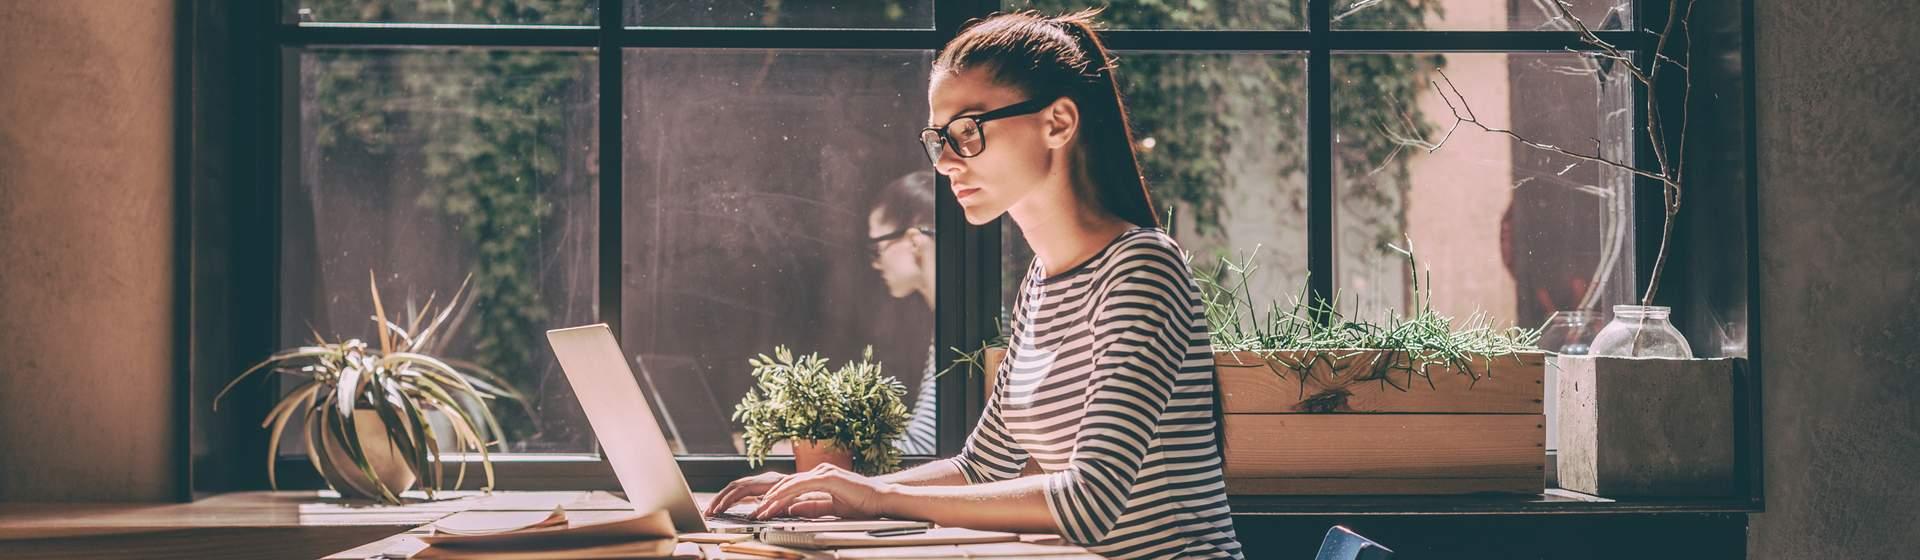 Notebook para trabalho em 2021: 6 melhores modelos para comprar